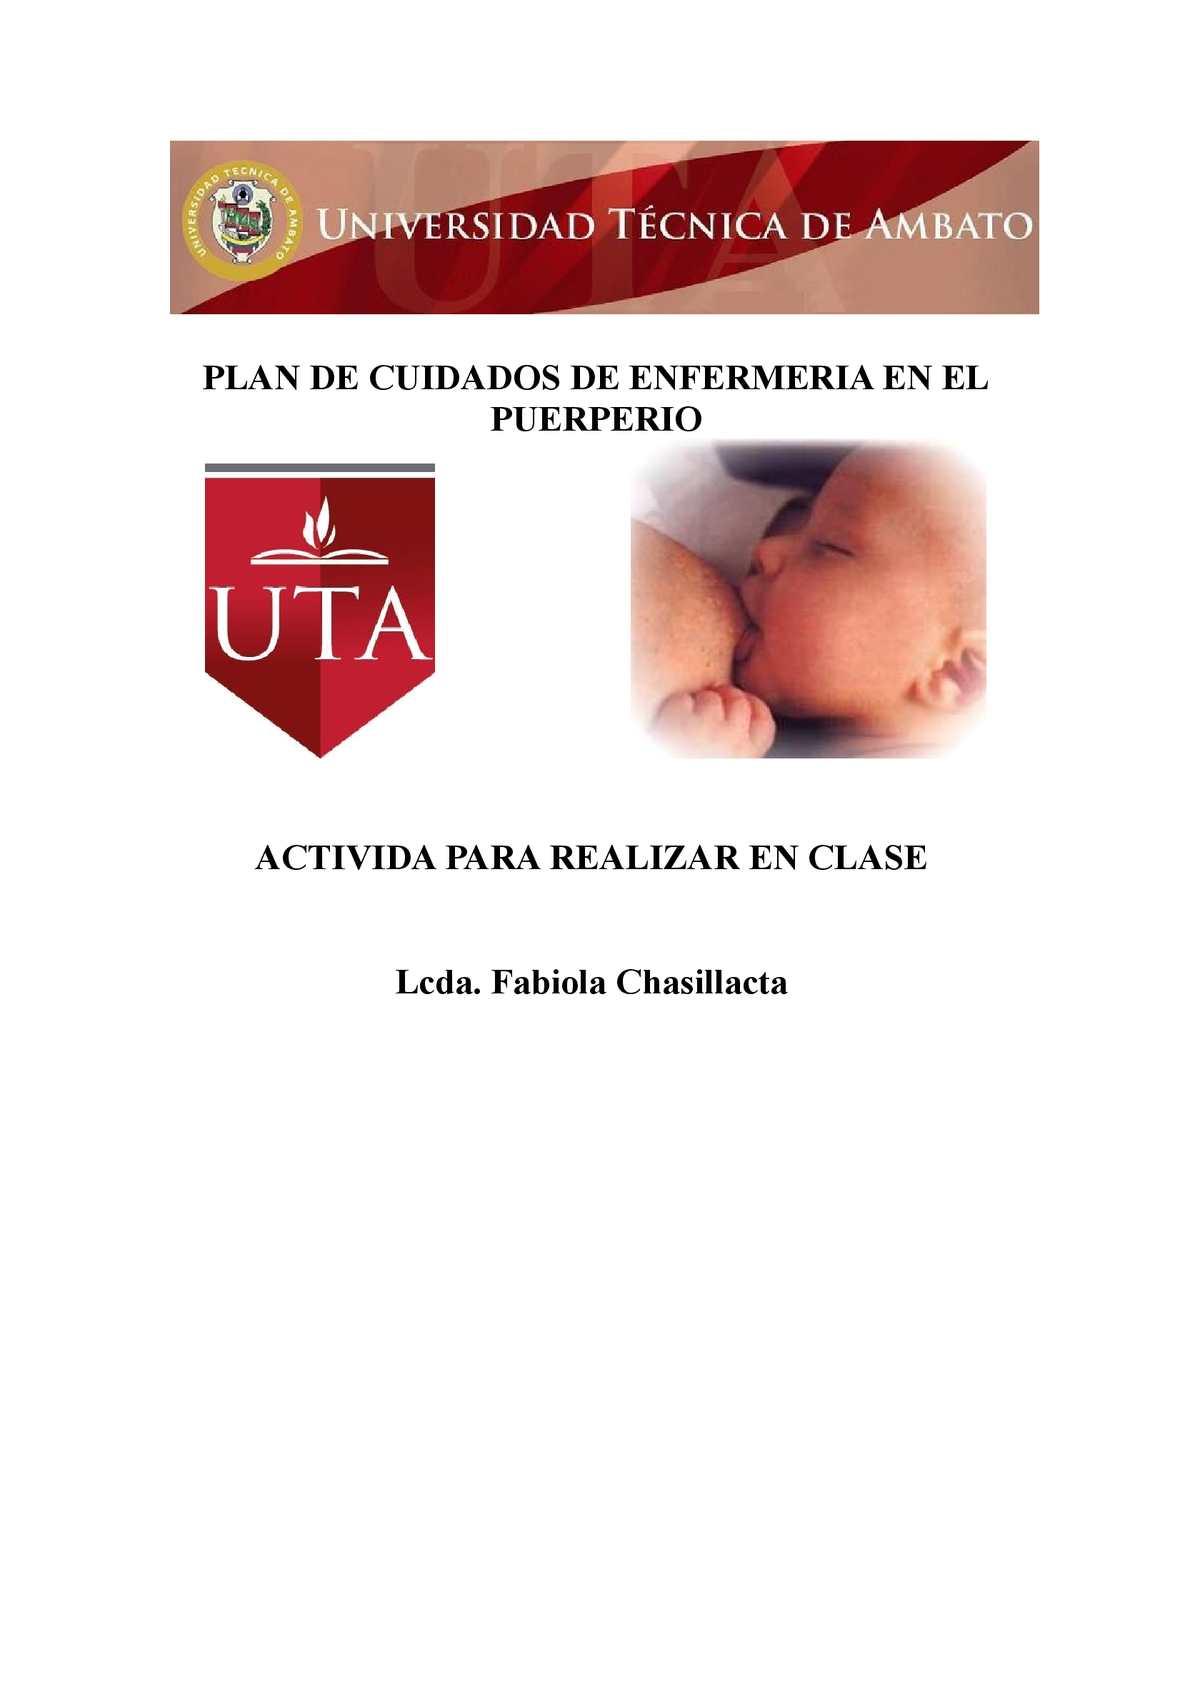 Calaméo - Plan de Cuidados de Enfermeria en el Puerperio